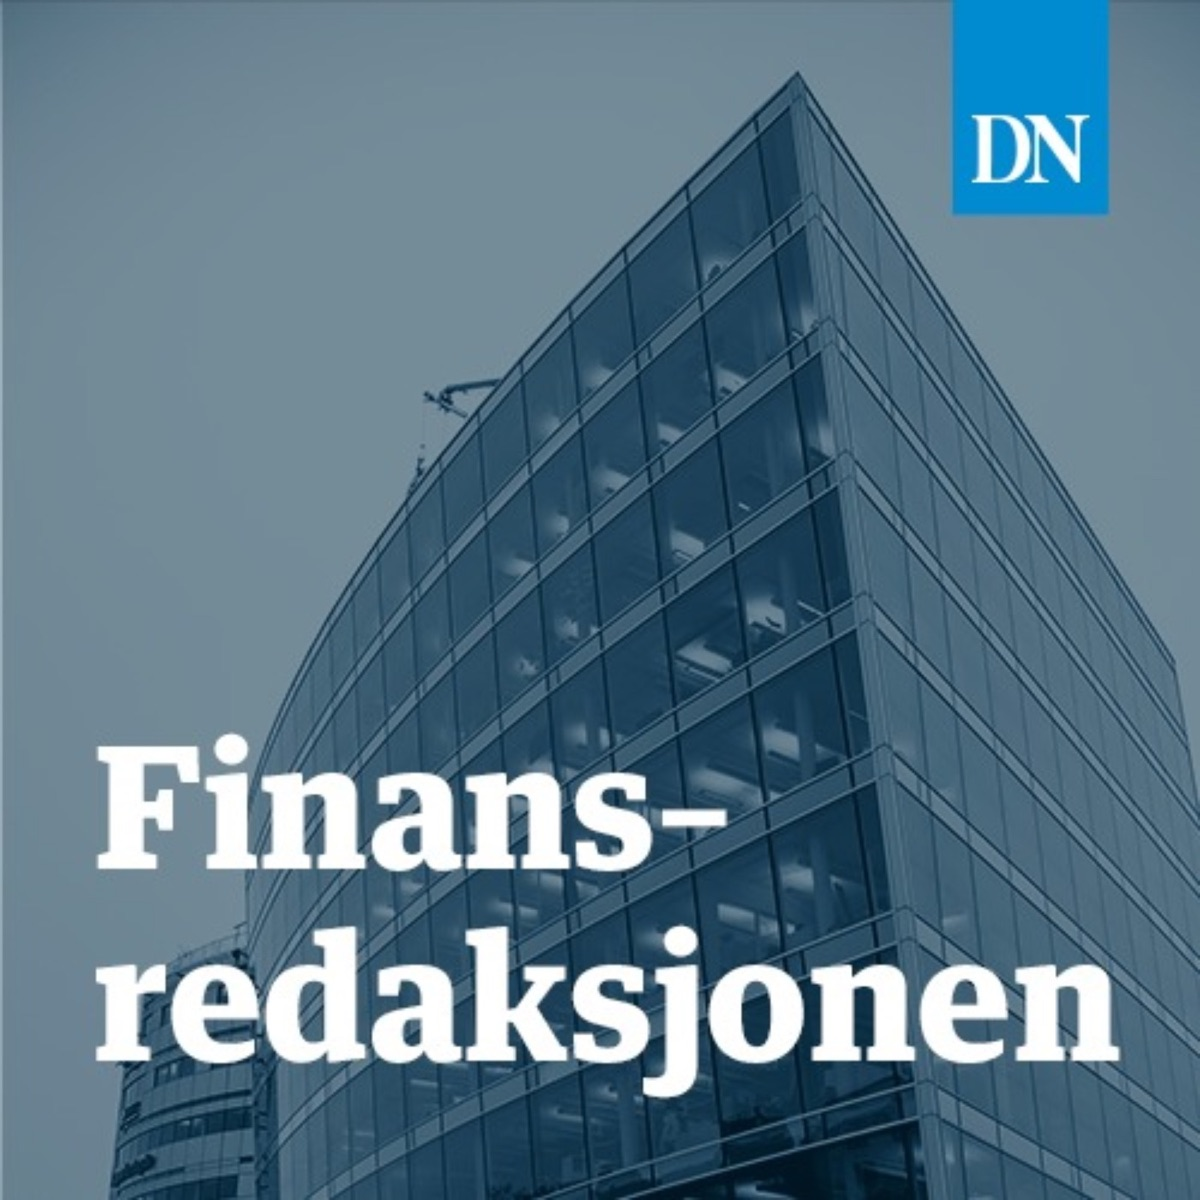 Finansredaksjonen